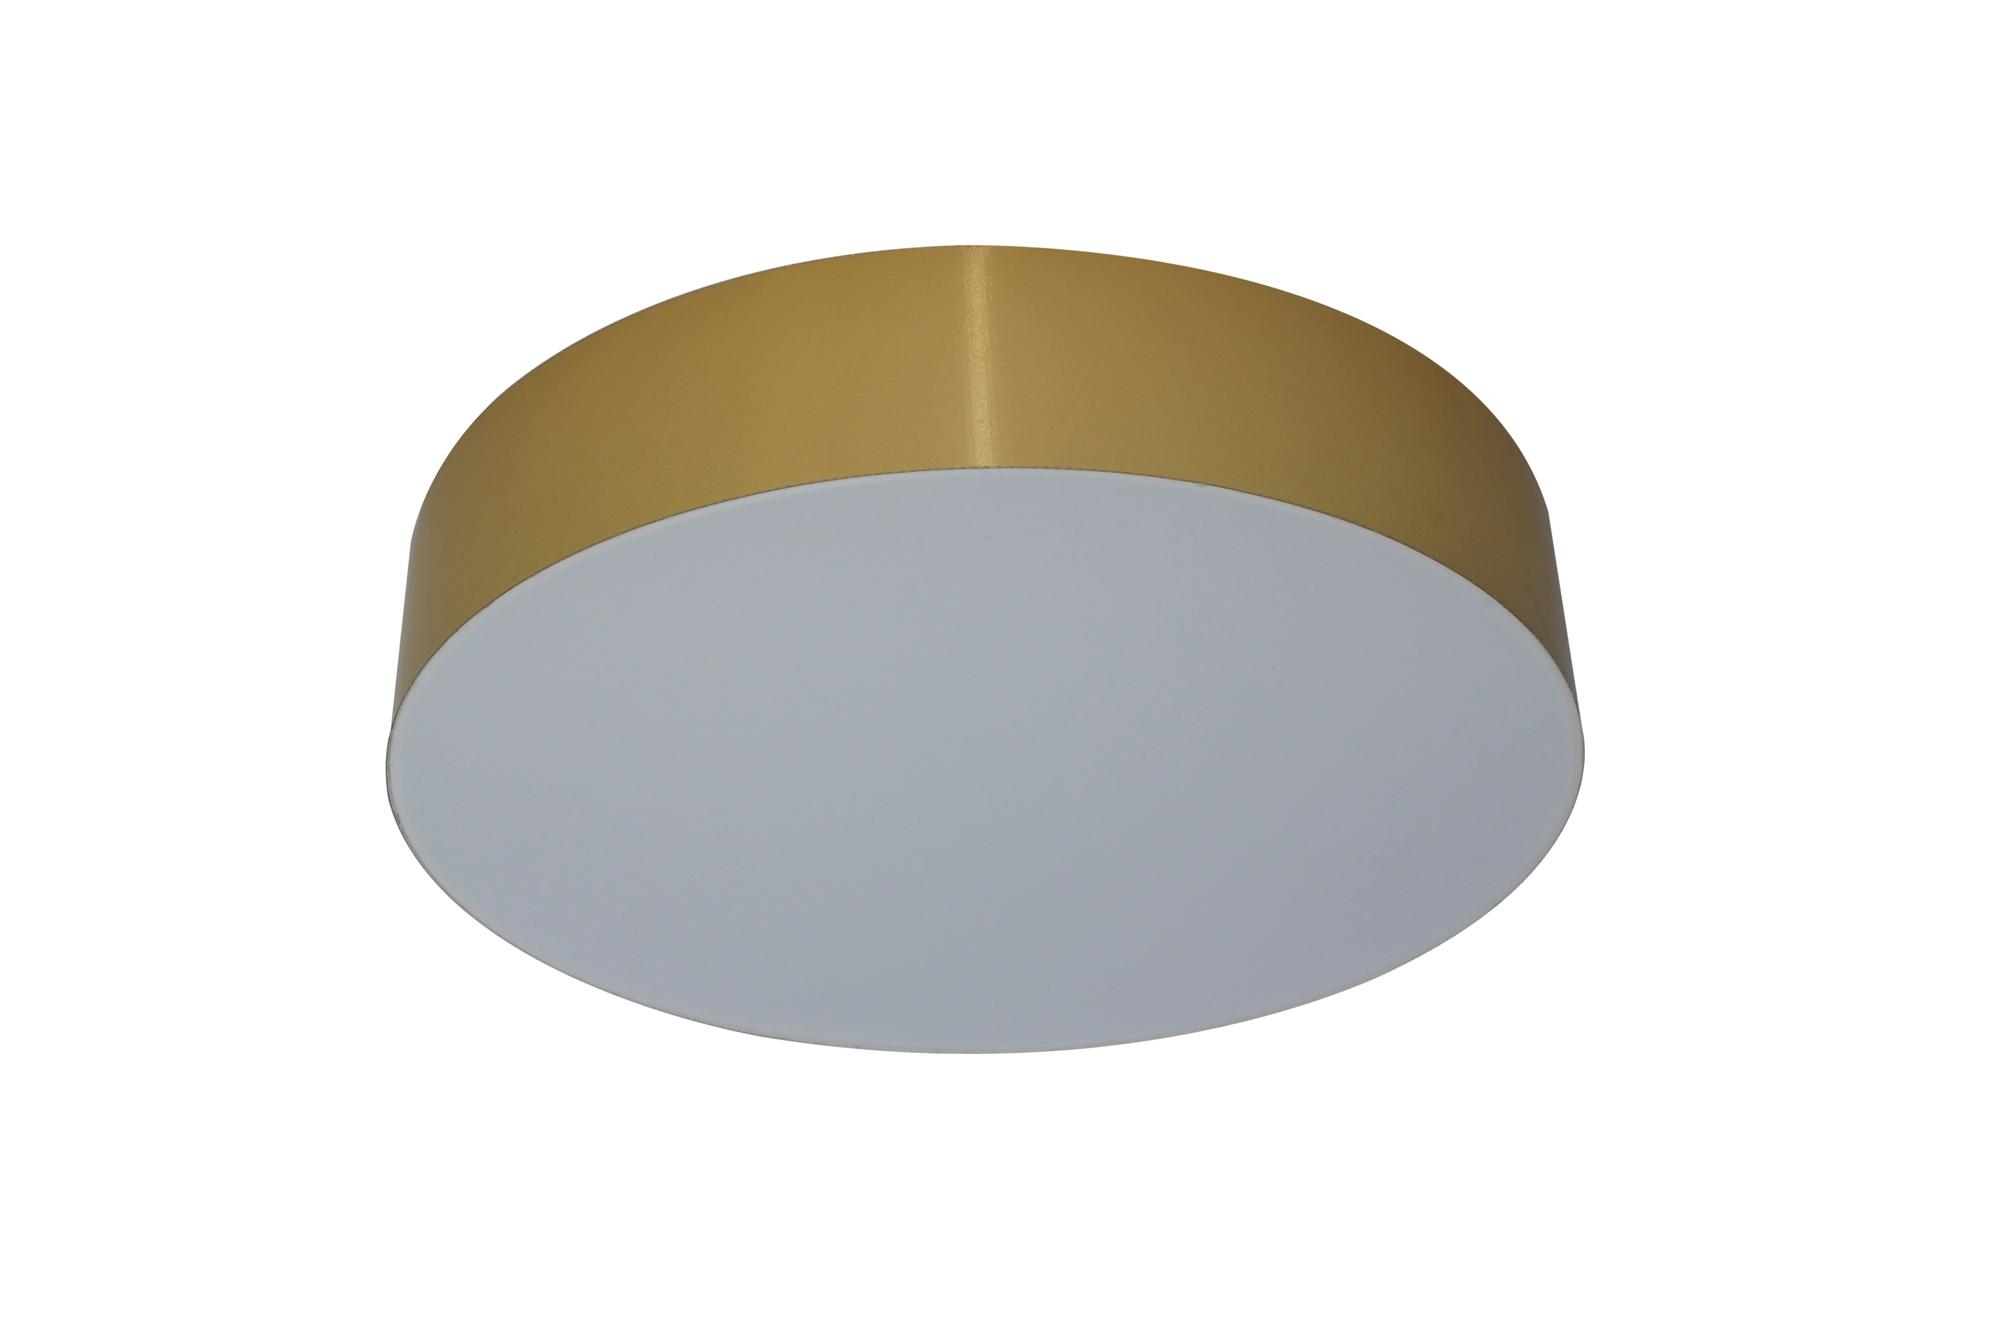 LED Deckenlampe Deckenleuchte Goldy extra gold glänzend 24W Ø: 30/40/50 cm WW/TW